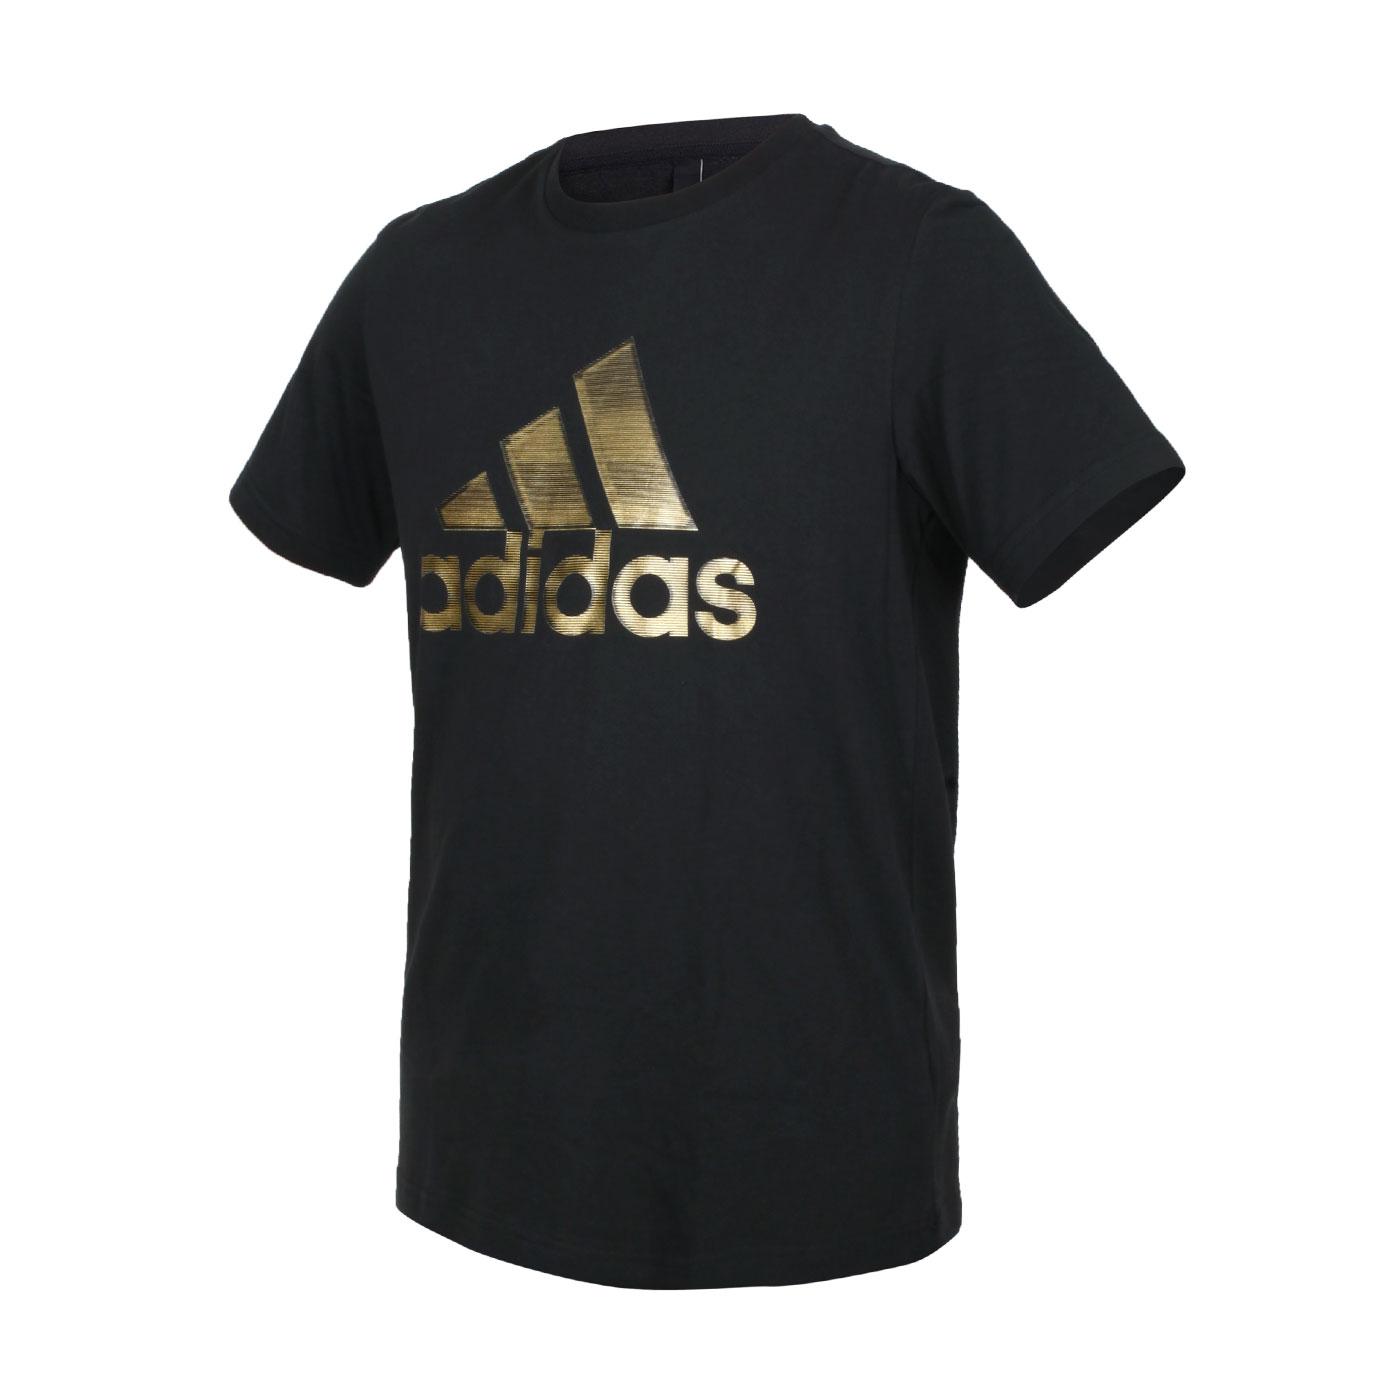 ADIDAS 男款短袖T恤 GP0969 - 黑金